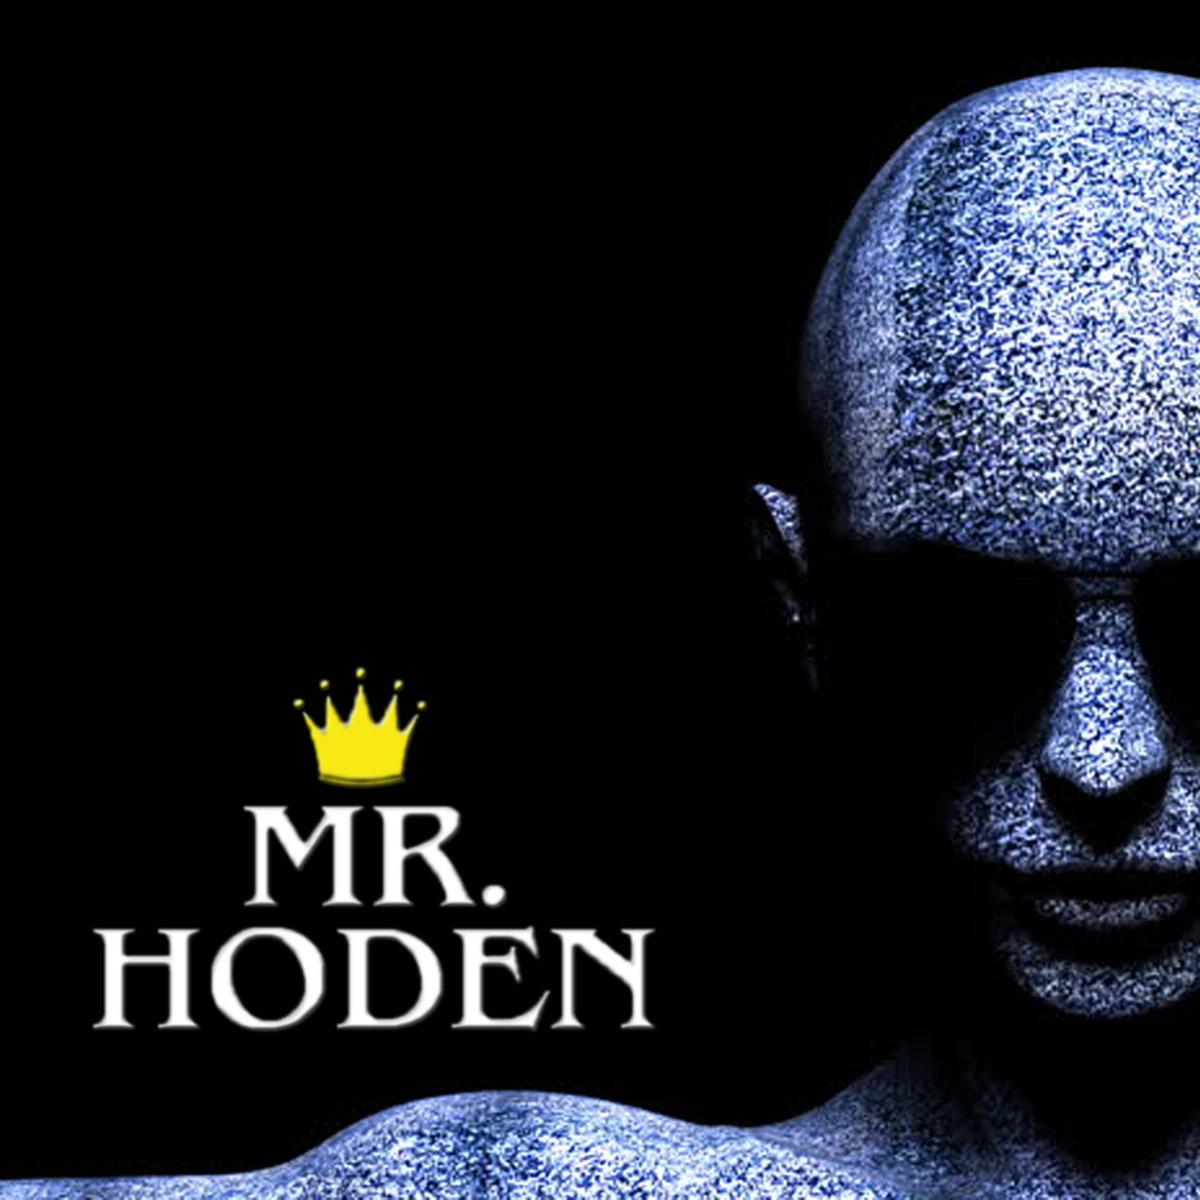 Upcoming: Mr. Hoden - Dark Underground Hip Hop Beat 2018 (Free Beat)